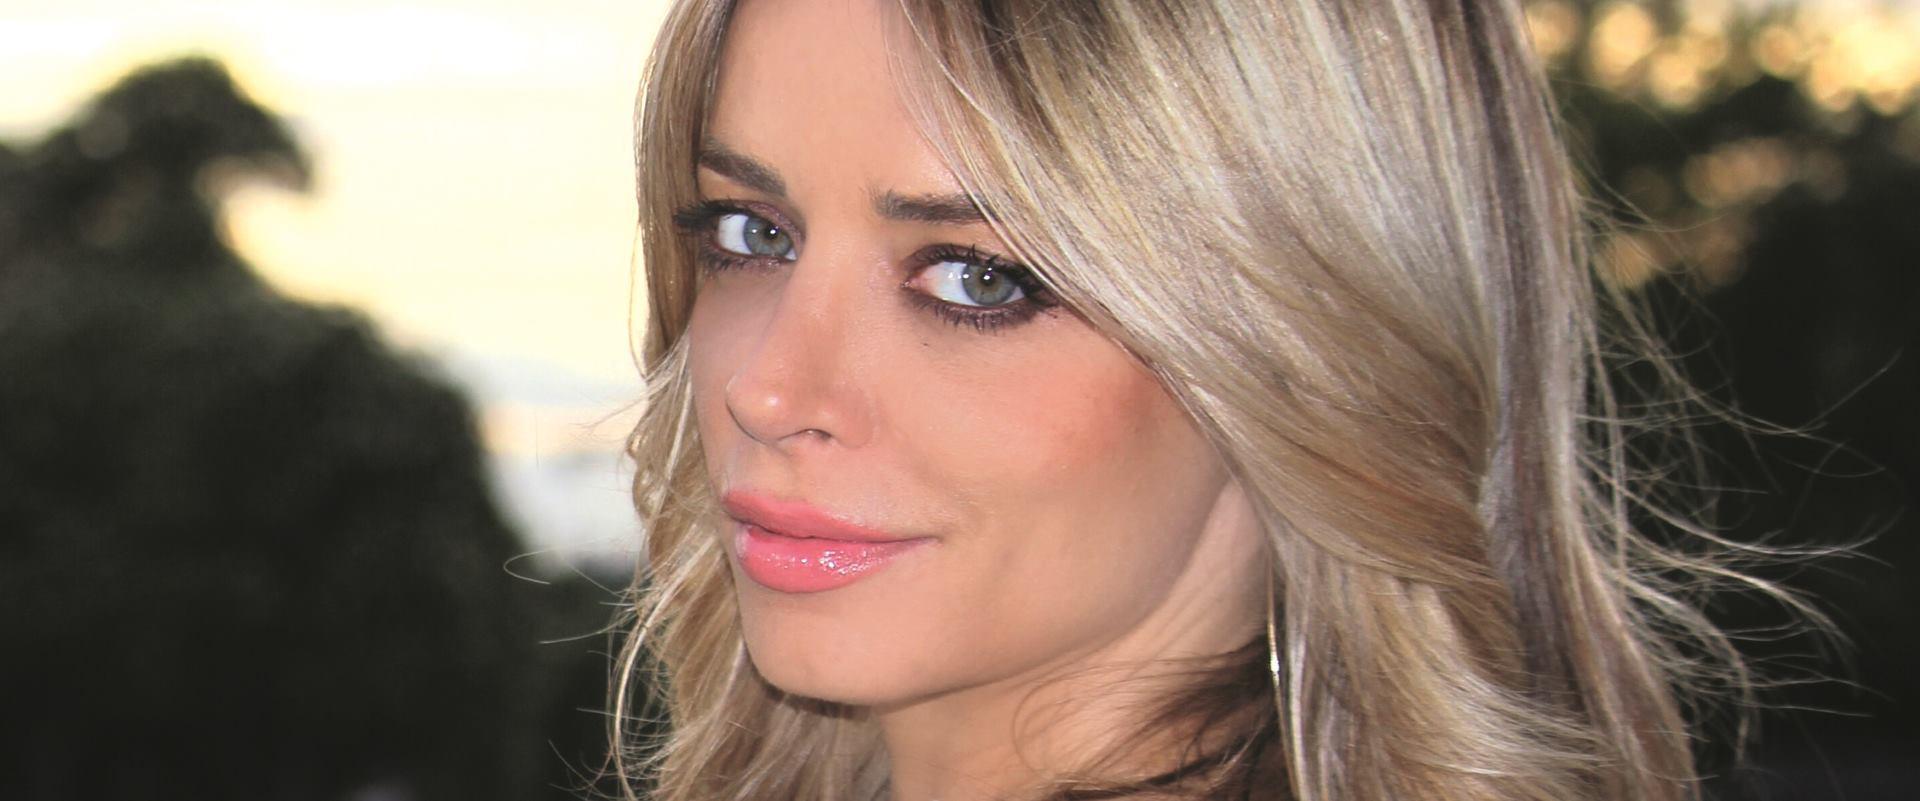 FANI STIPKOVIĆ Ostvaruju se španjolski snovi televizijske ljepotice